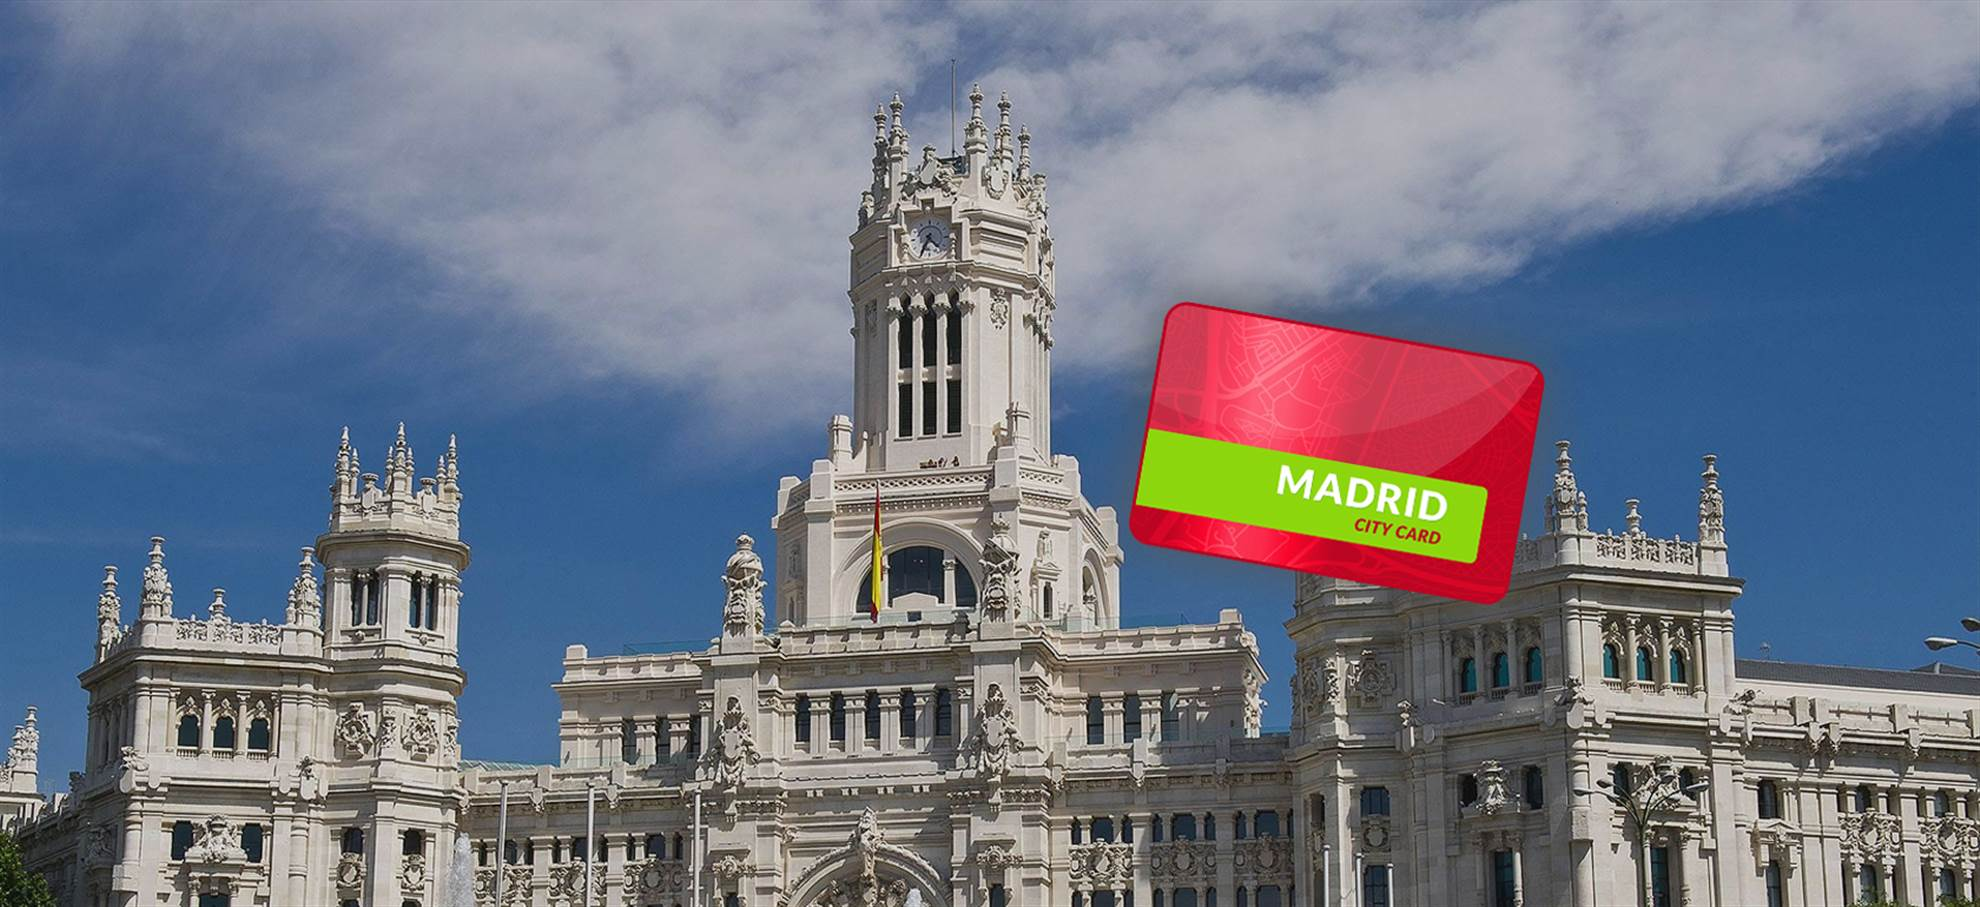 Passe da cidade de Madrid (Museu do Prado, Palácio Real, cartão de transporte público opcional)